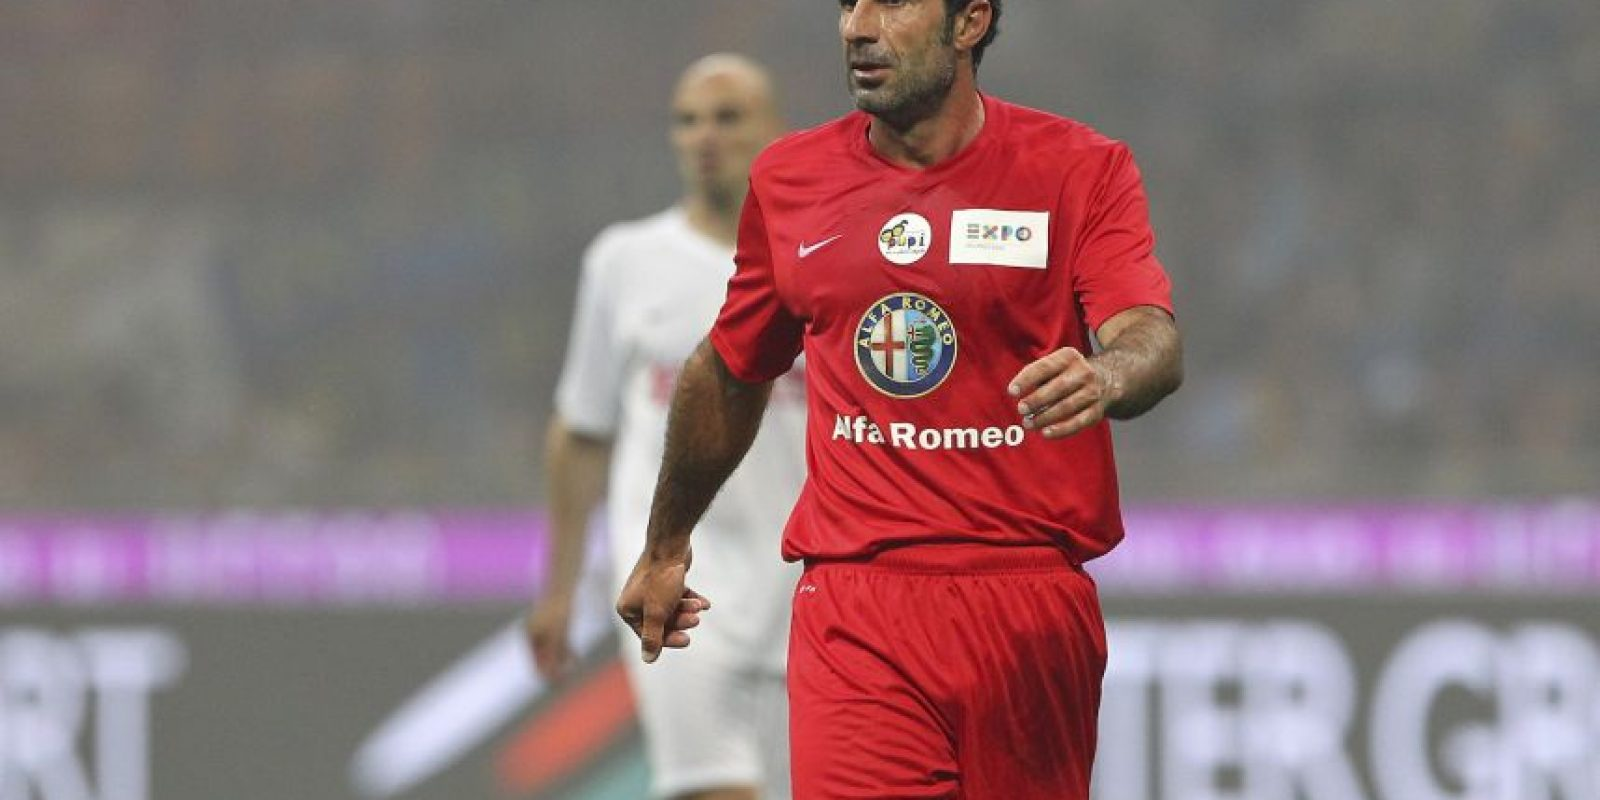 Dijo adiós a las canchas jugando para el Inter de Milán en 2009. Foto:Getty Images